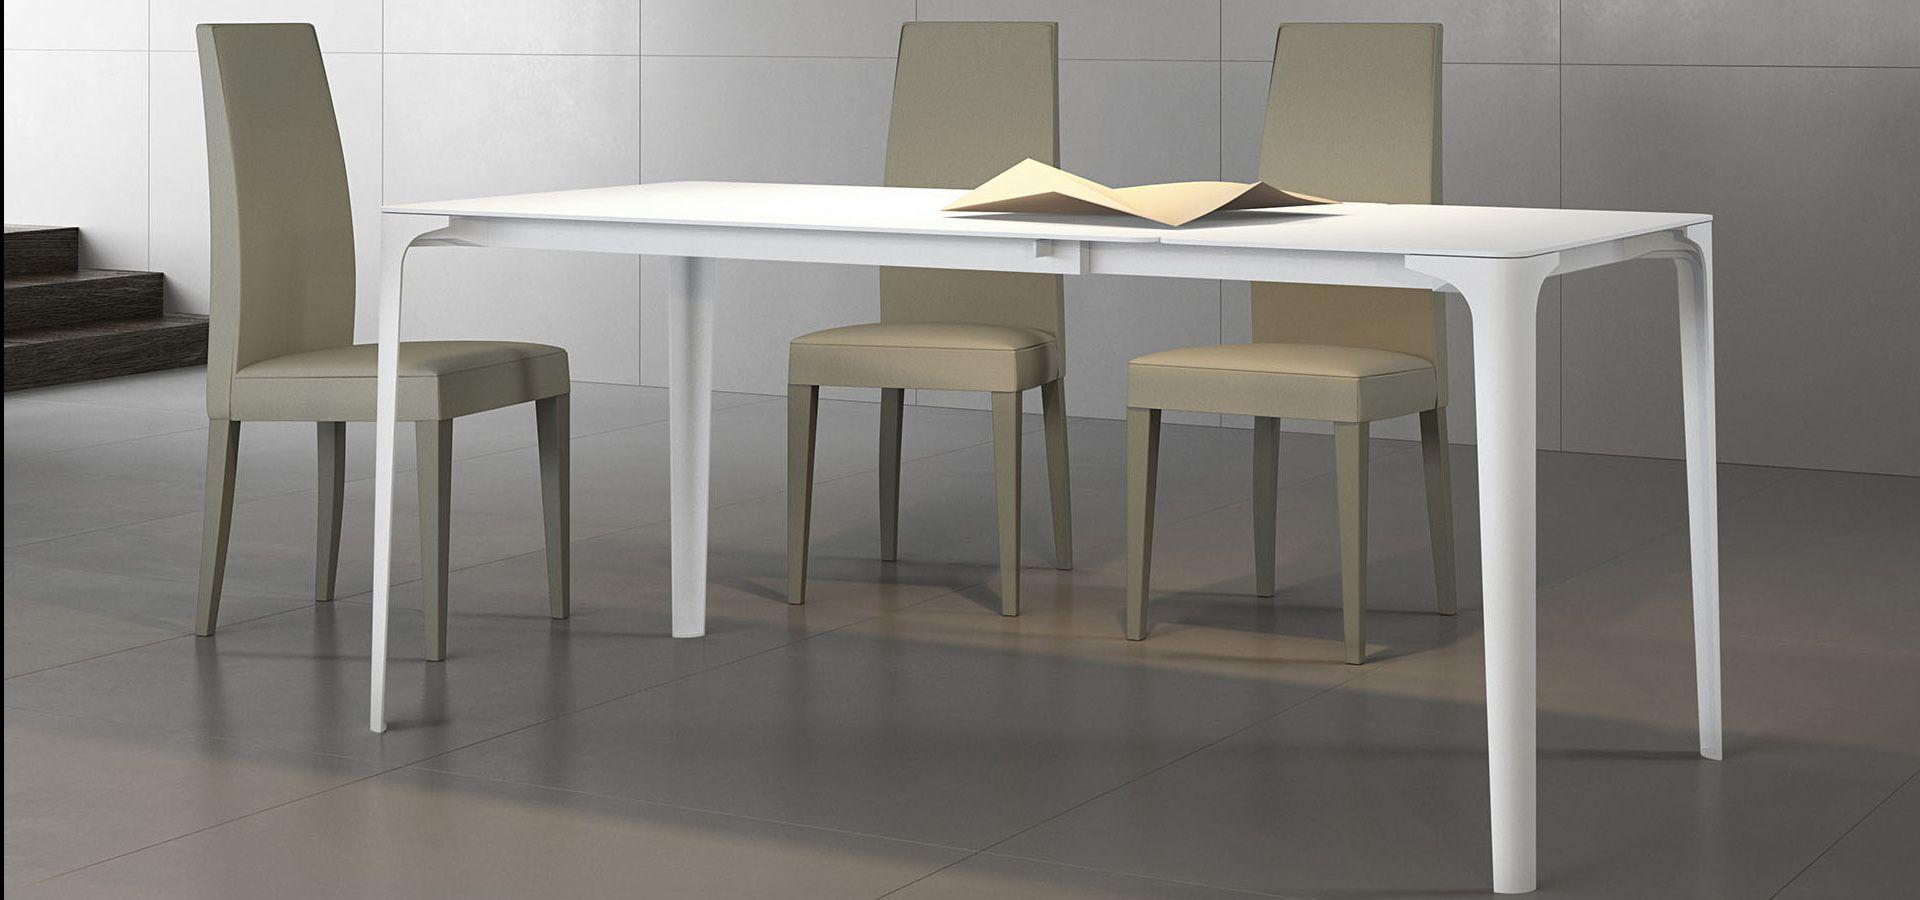 Pin di arredo3 su tavoli moderni table furniture e home decor - Tavoli a libro moderni ...